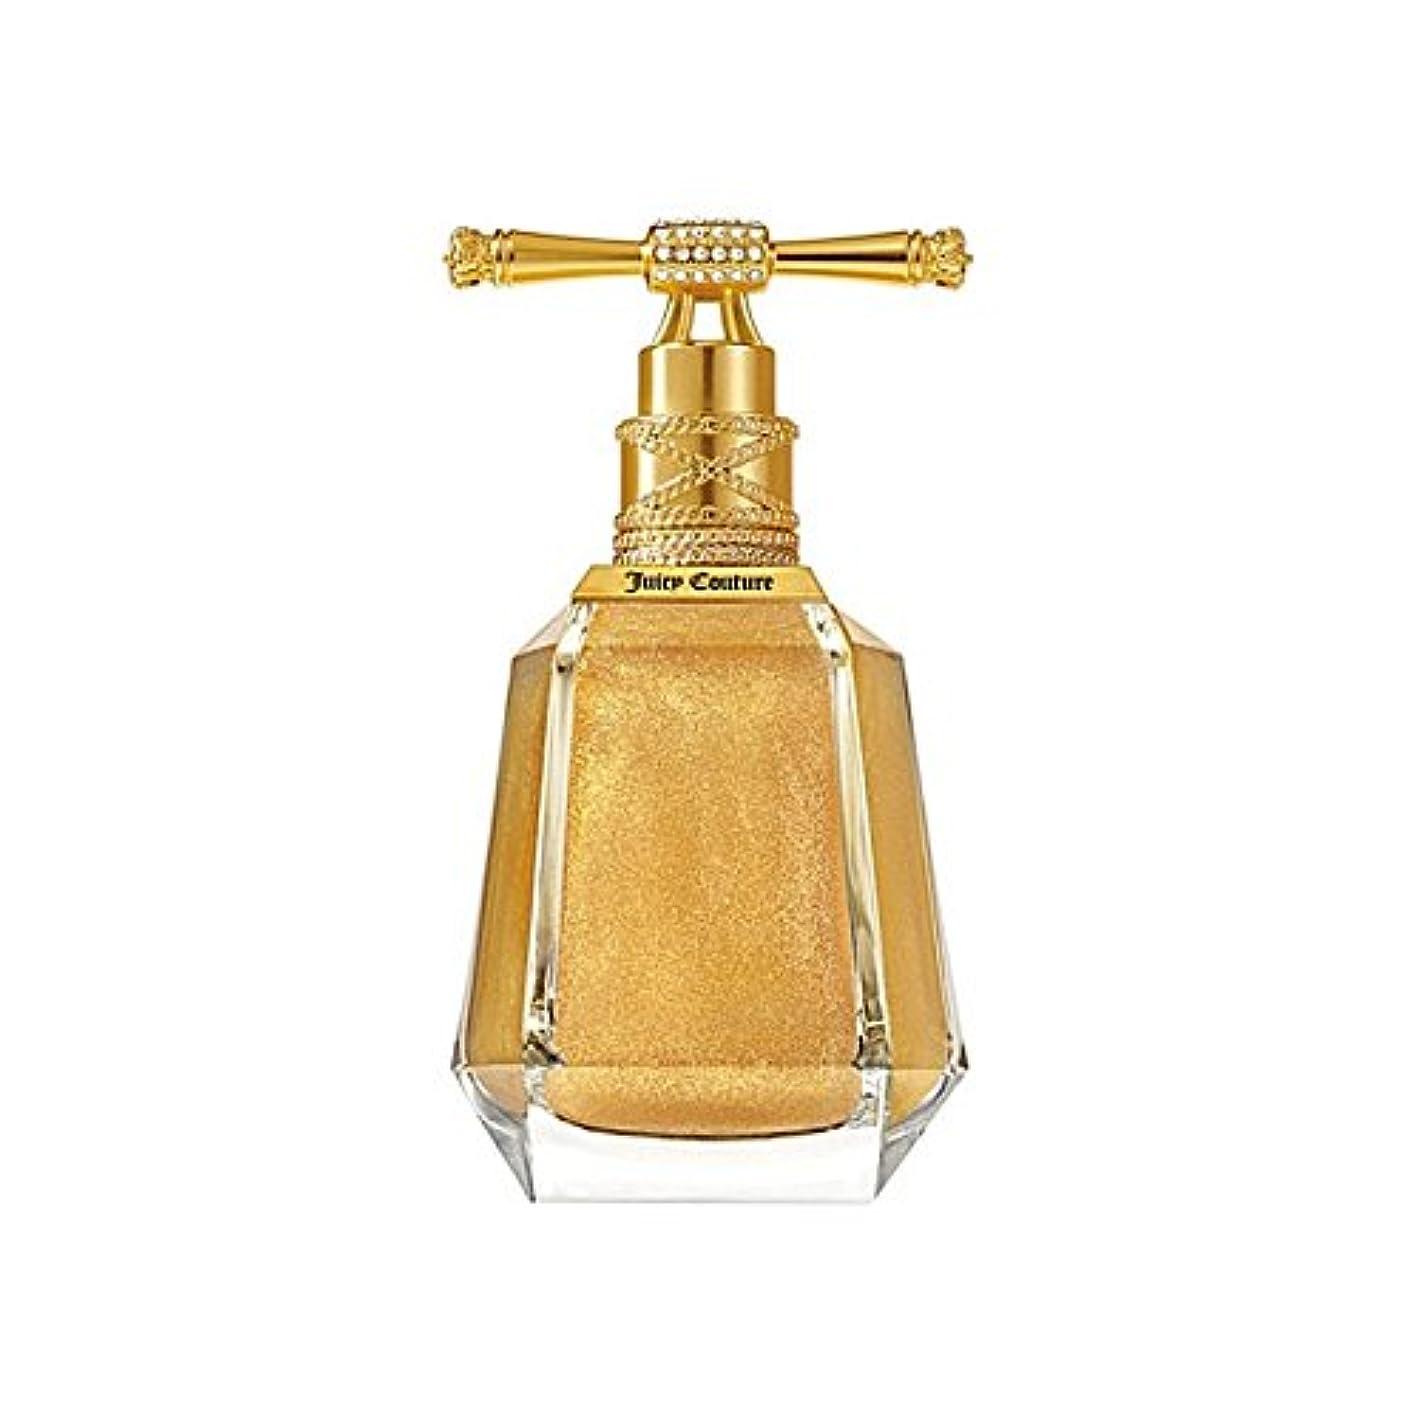 不一致マーキー意外Juicy Couture Dry Oil Shimmer Mist 100ml - ジューシークチュールドライオイルきらめきミスト100ミリリットル [並行輸入品]